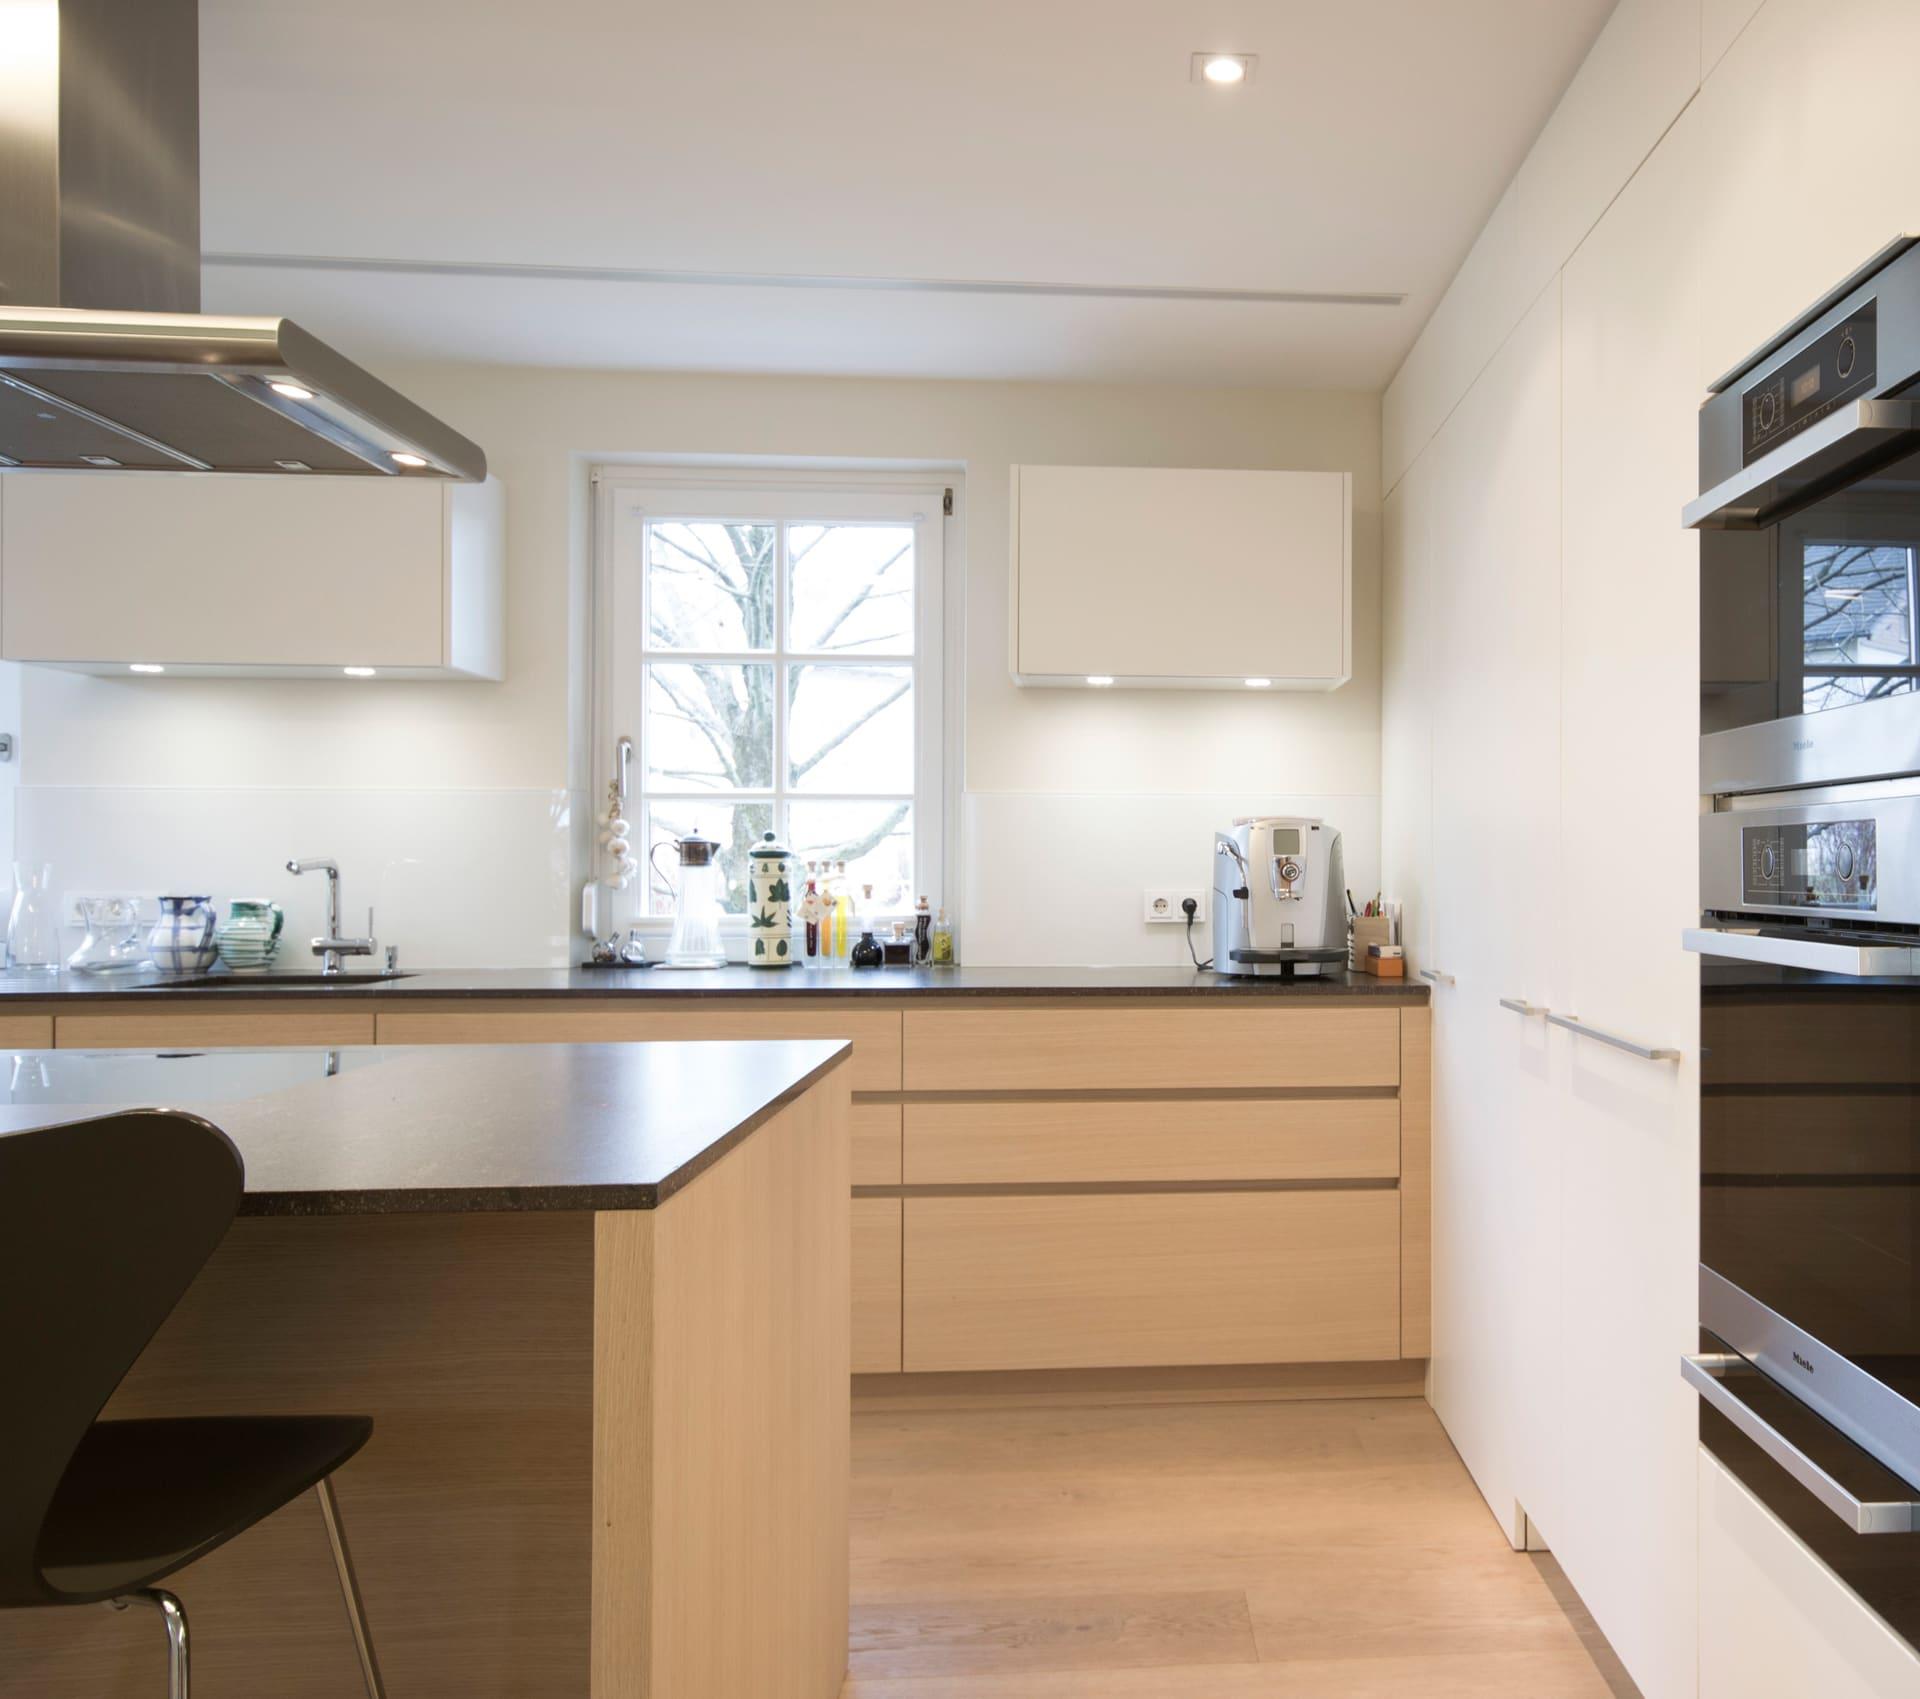 Ziemlich Küche Renovieren Kosten Vorlage Galerie - Küchen Design ...